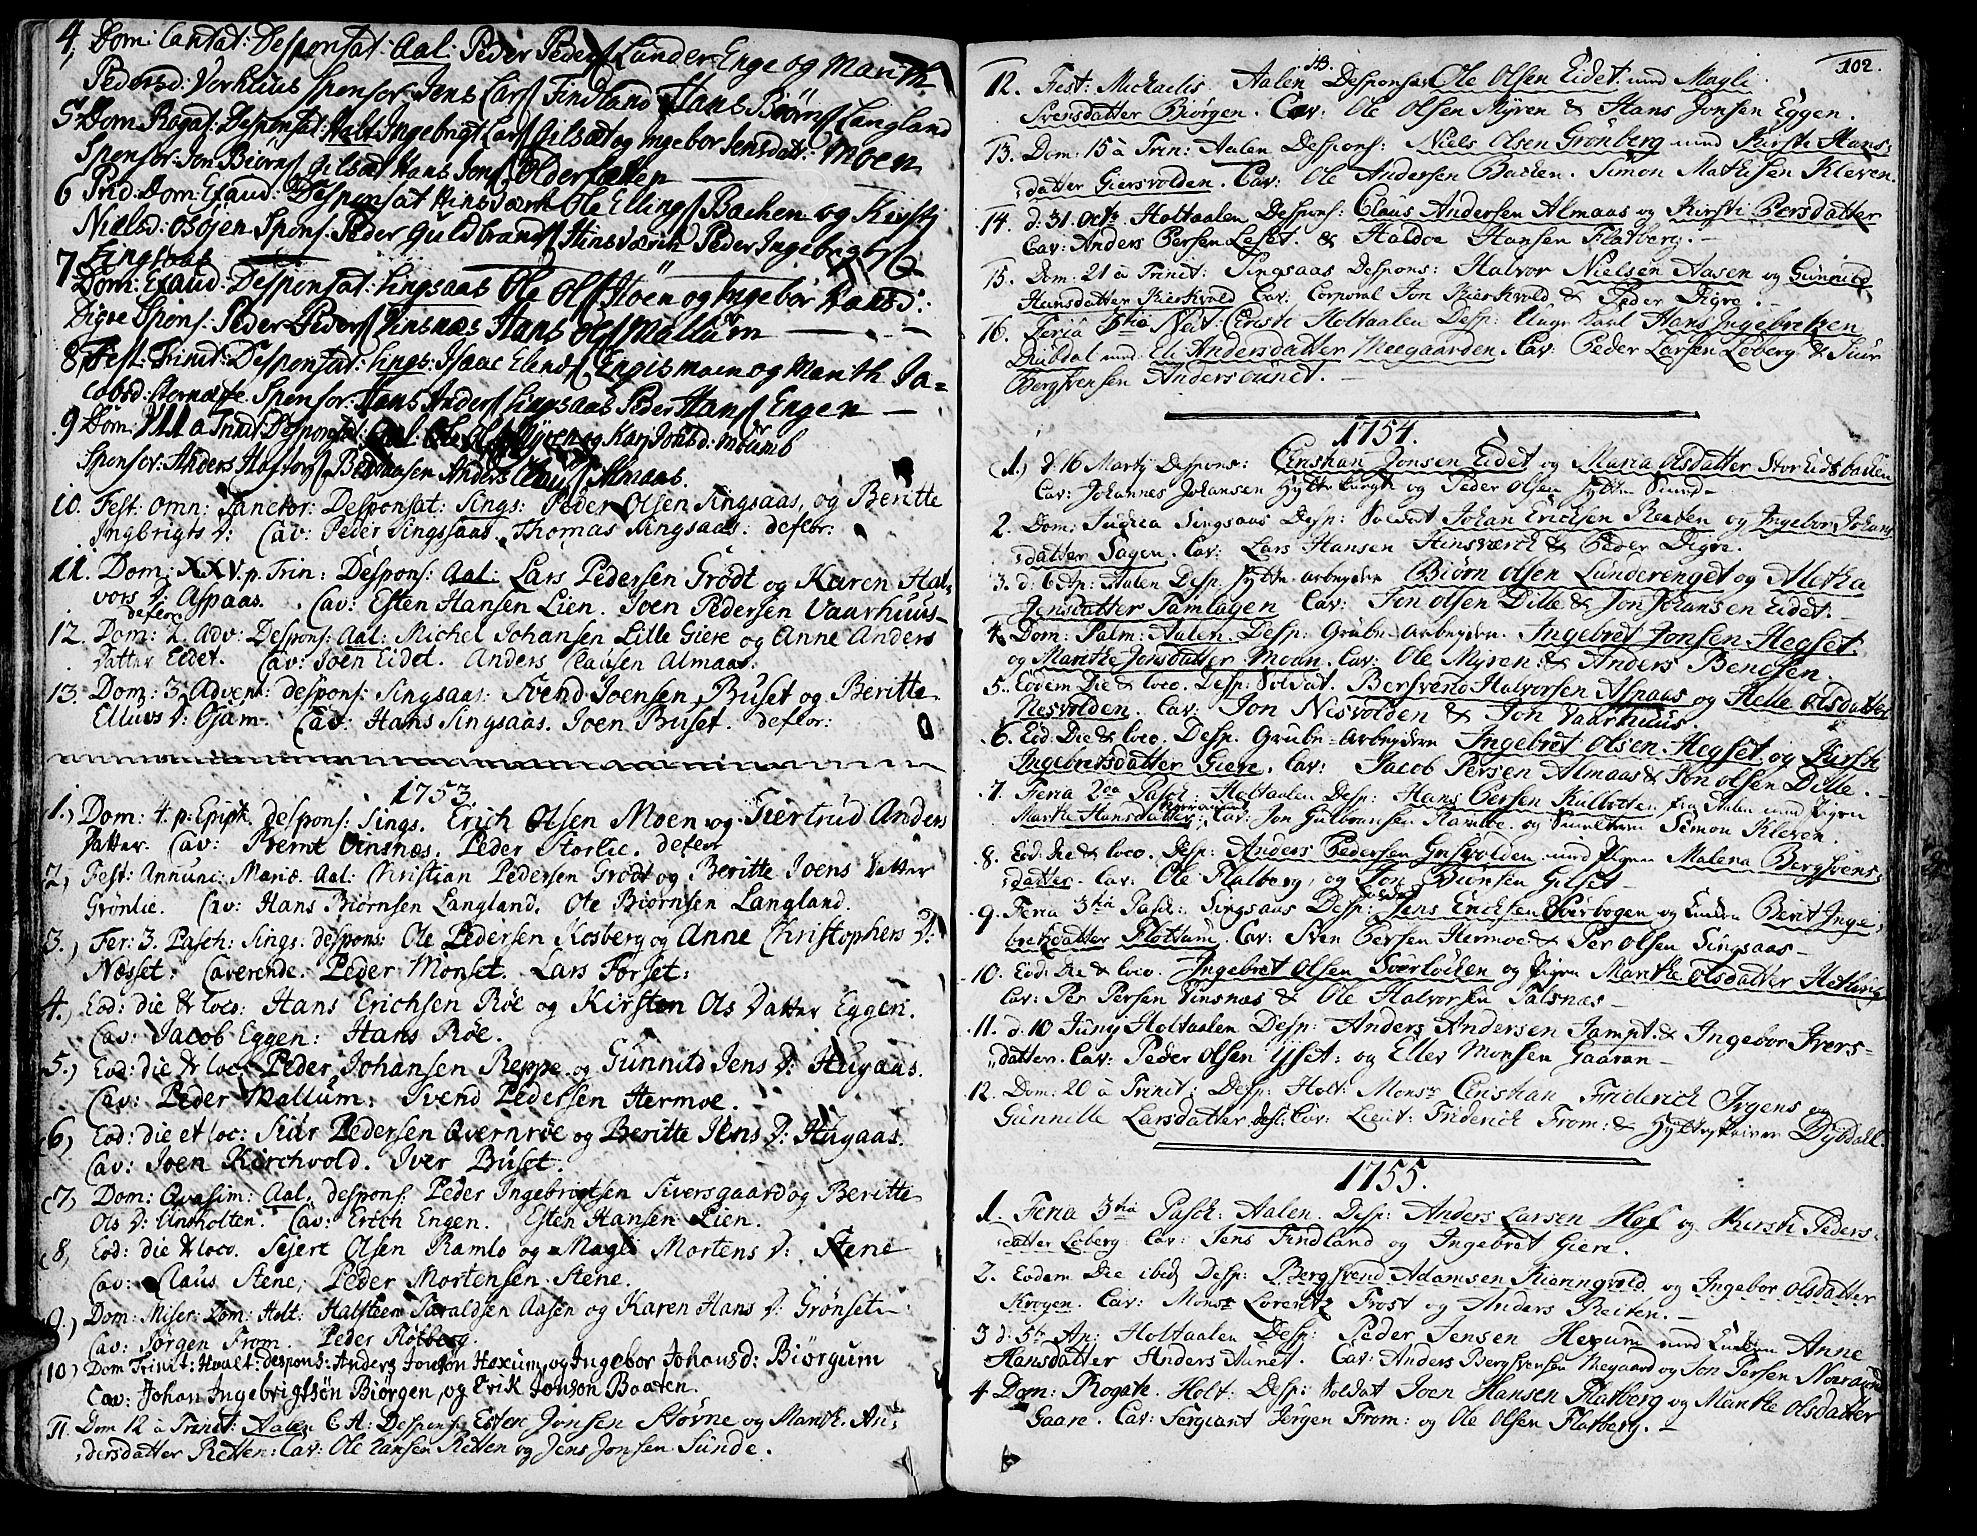 SAT, Ministerialprotokoller, klokkerbøker og fødselsregistre - Sør-Trøndelag, 685/L0952: Ministerialbok nr. 685A01, 1745-1804, s. 102